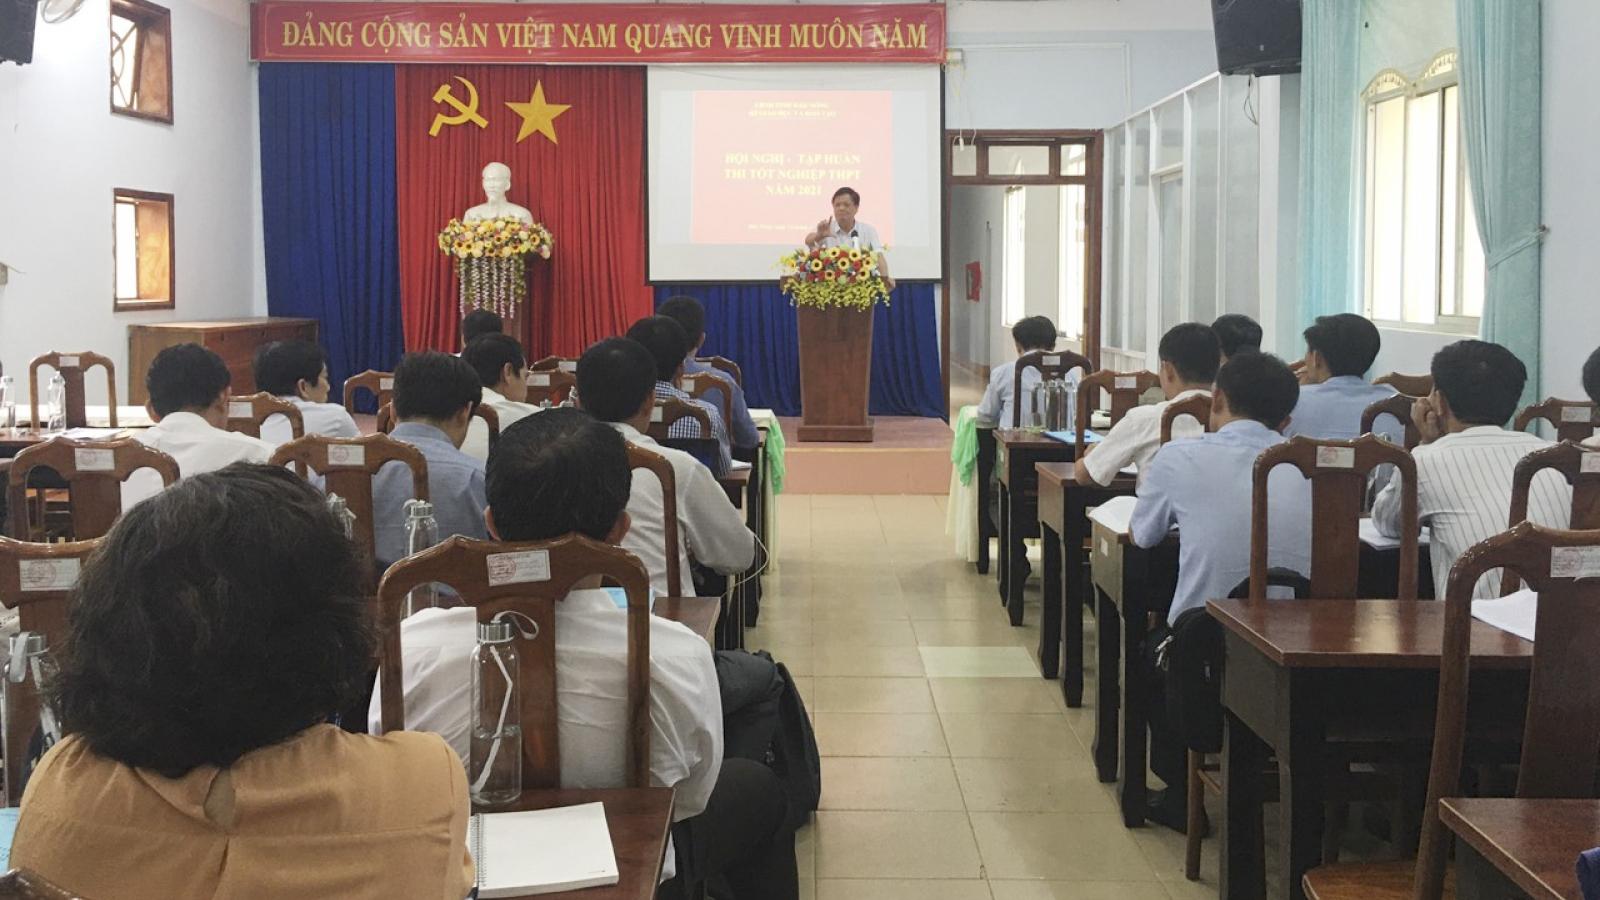 Đắk Nông huy động gần 1.000 cán bộ coi thi tốt nghiệp THPT 2021